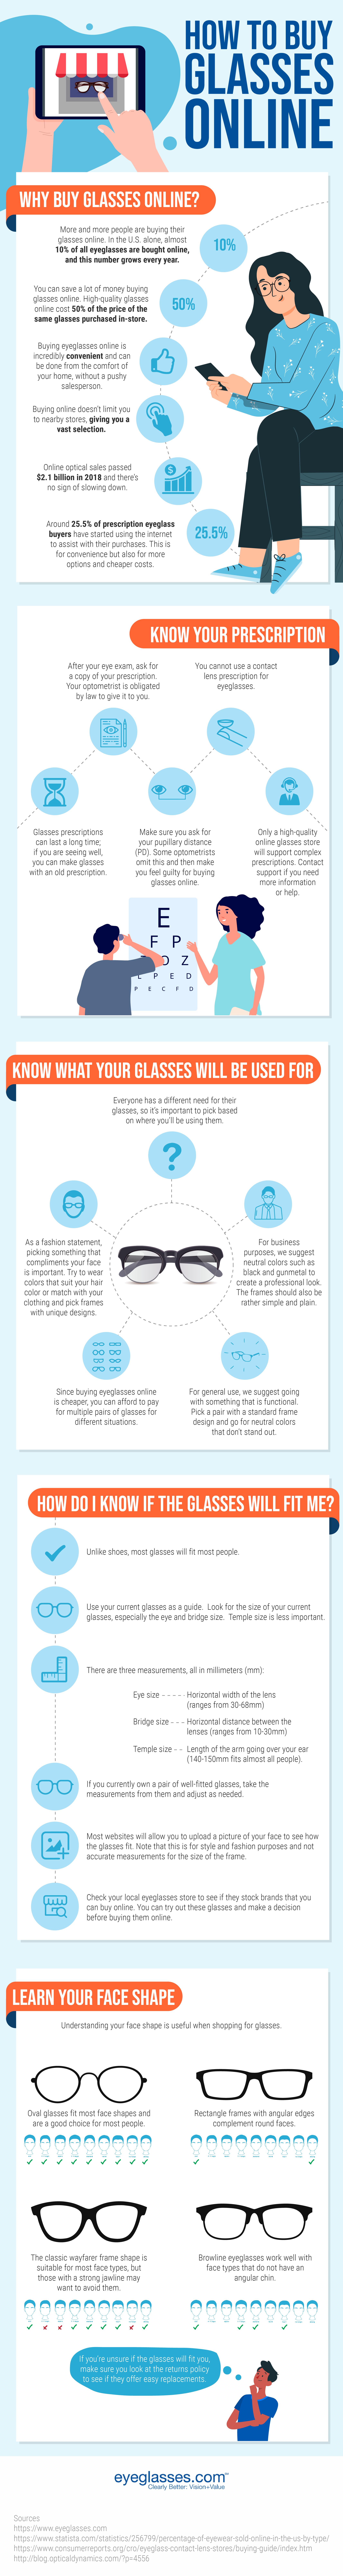 How To Buy Eyeglasses Online